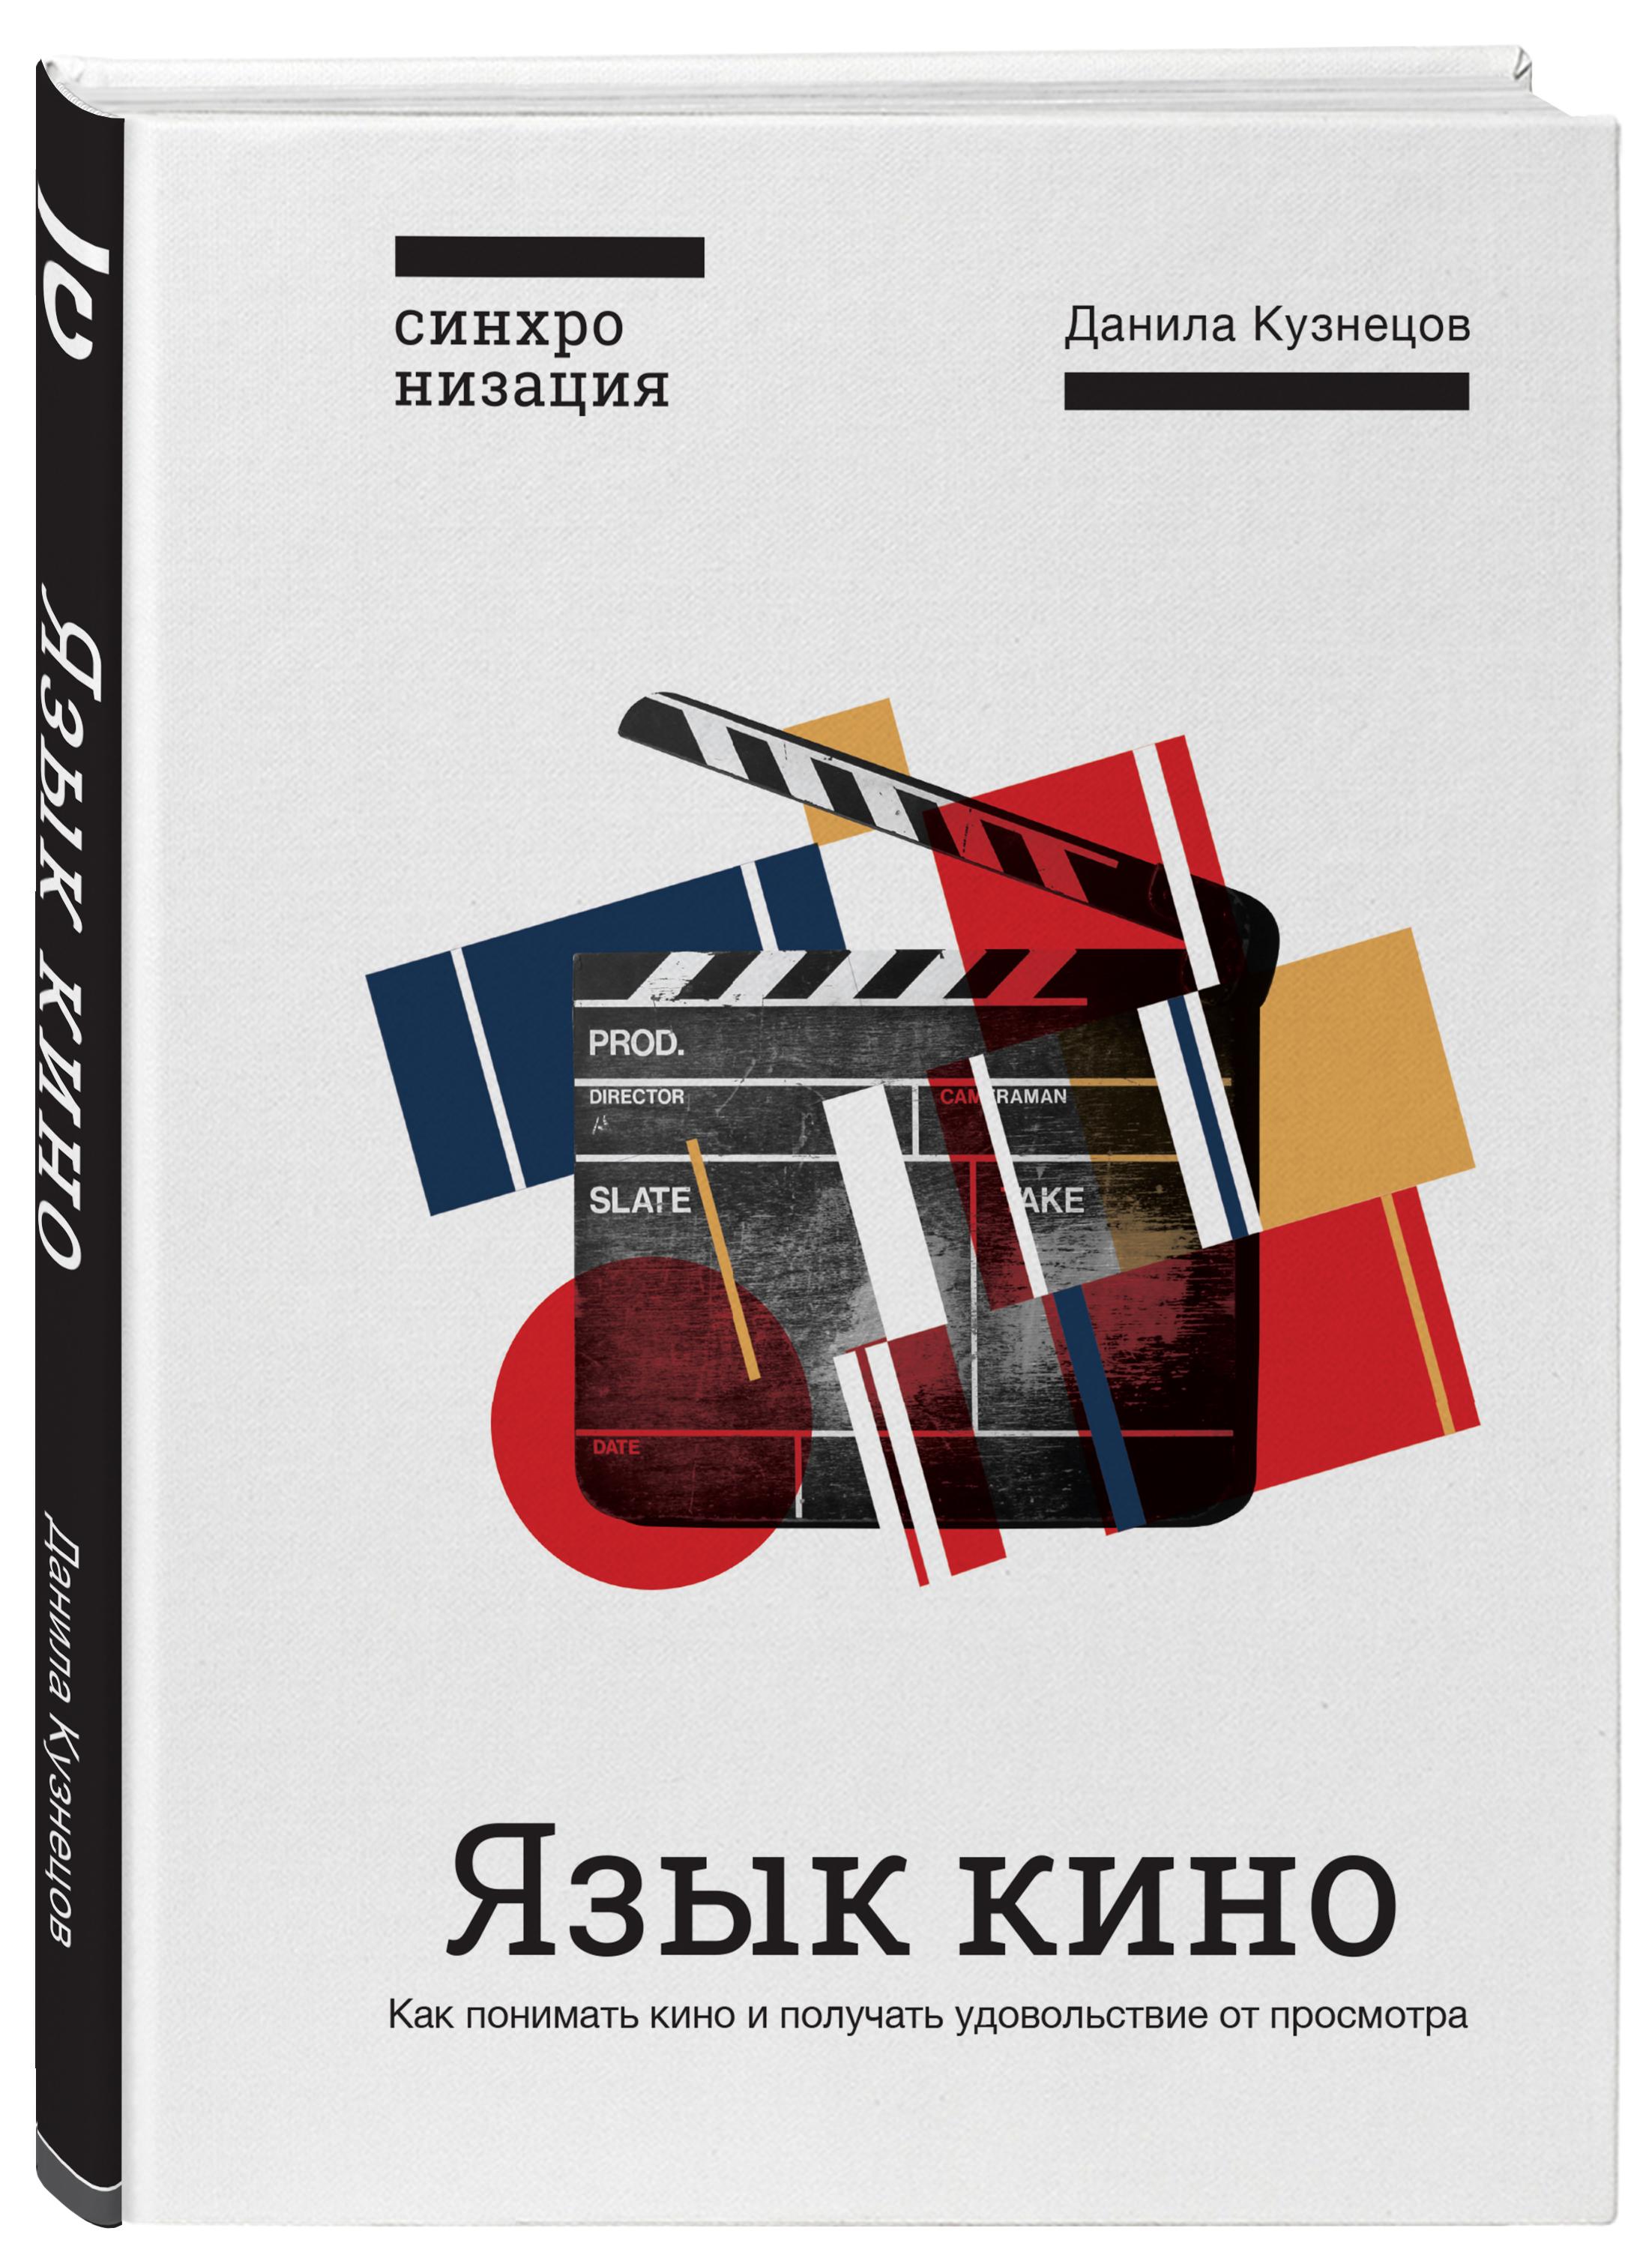 Язык кино. Как понимать кино и получать удовольствие от просмотра ( Данила Кузнецов  )